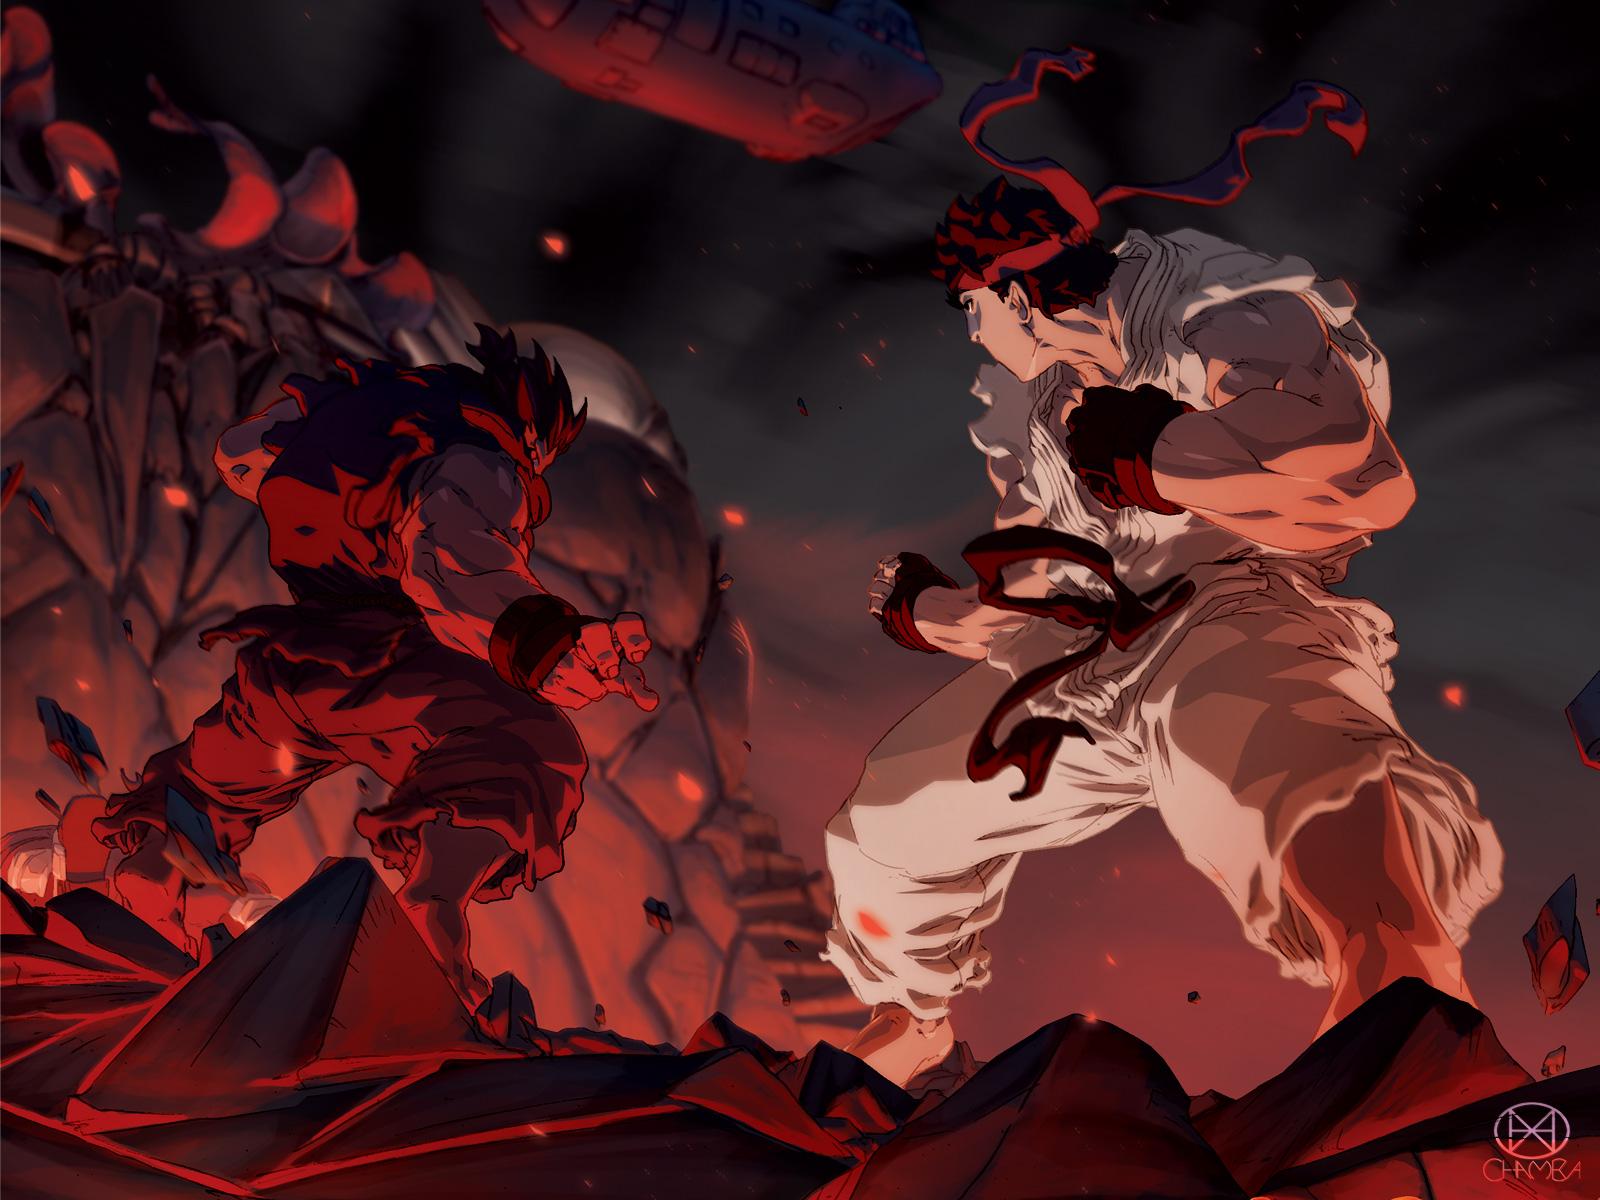 50 Akuma Vs Ryu Wallpaper On Wallpapersafari